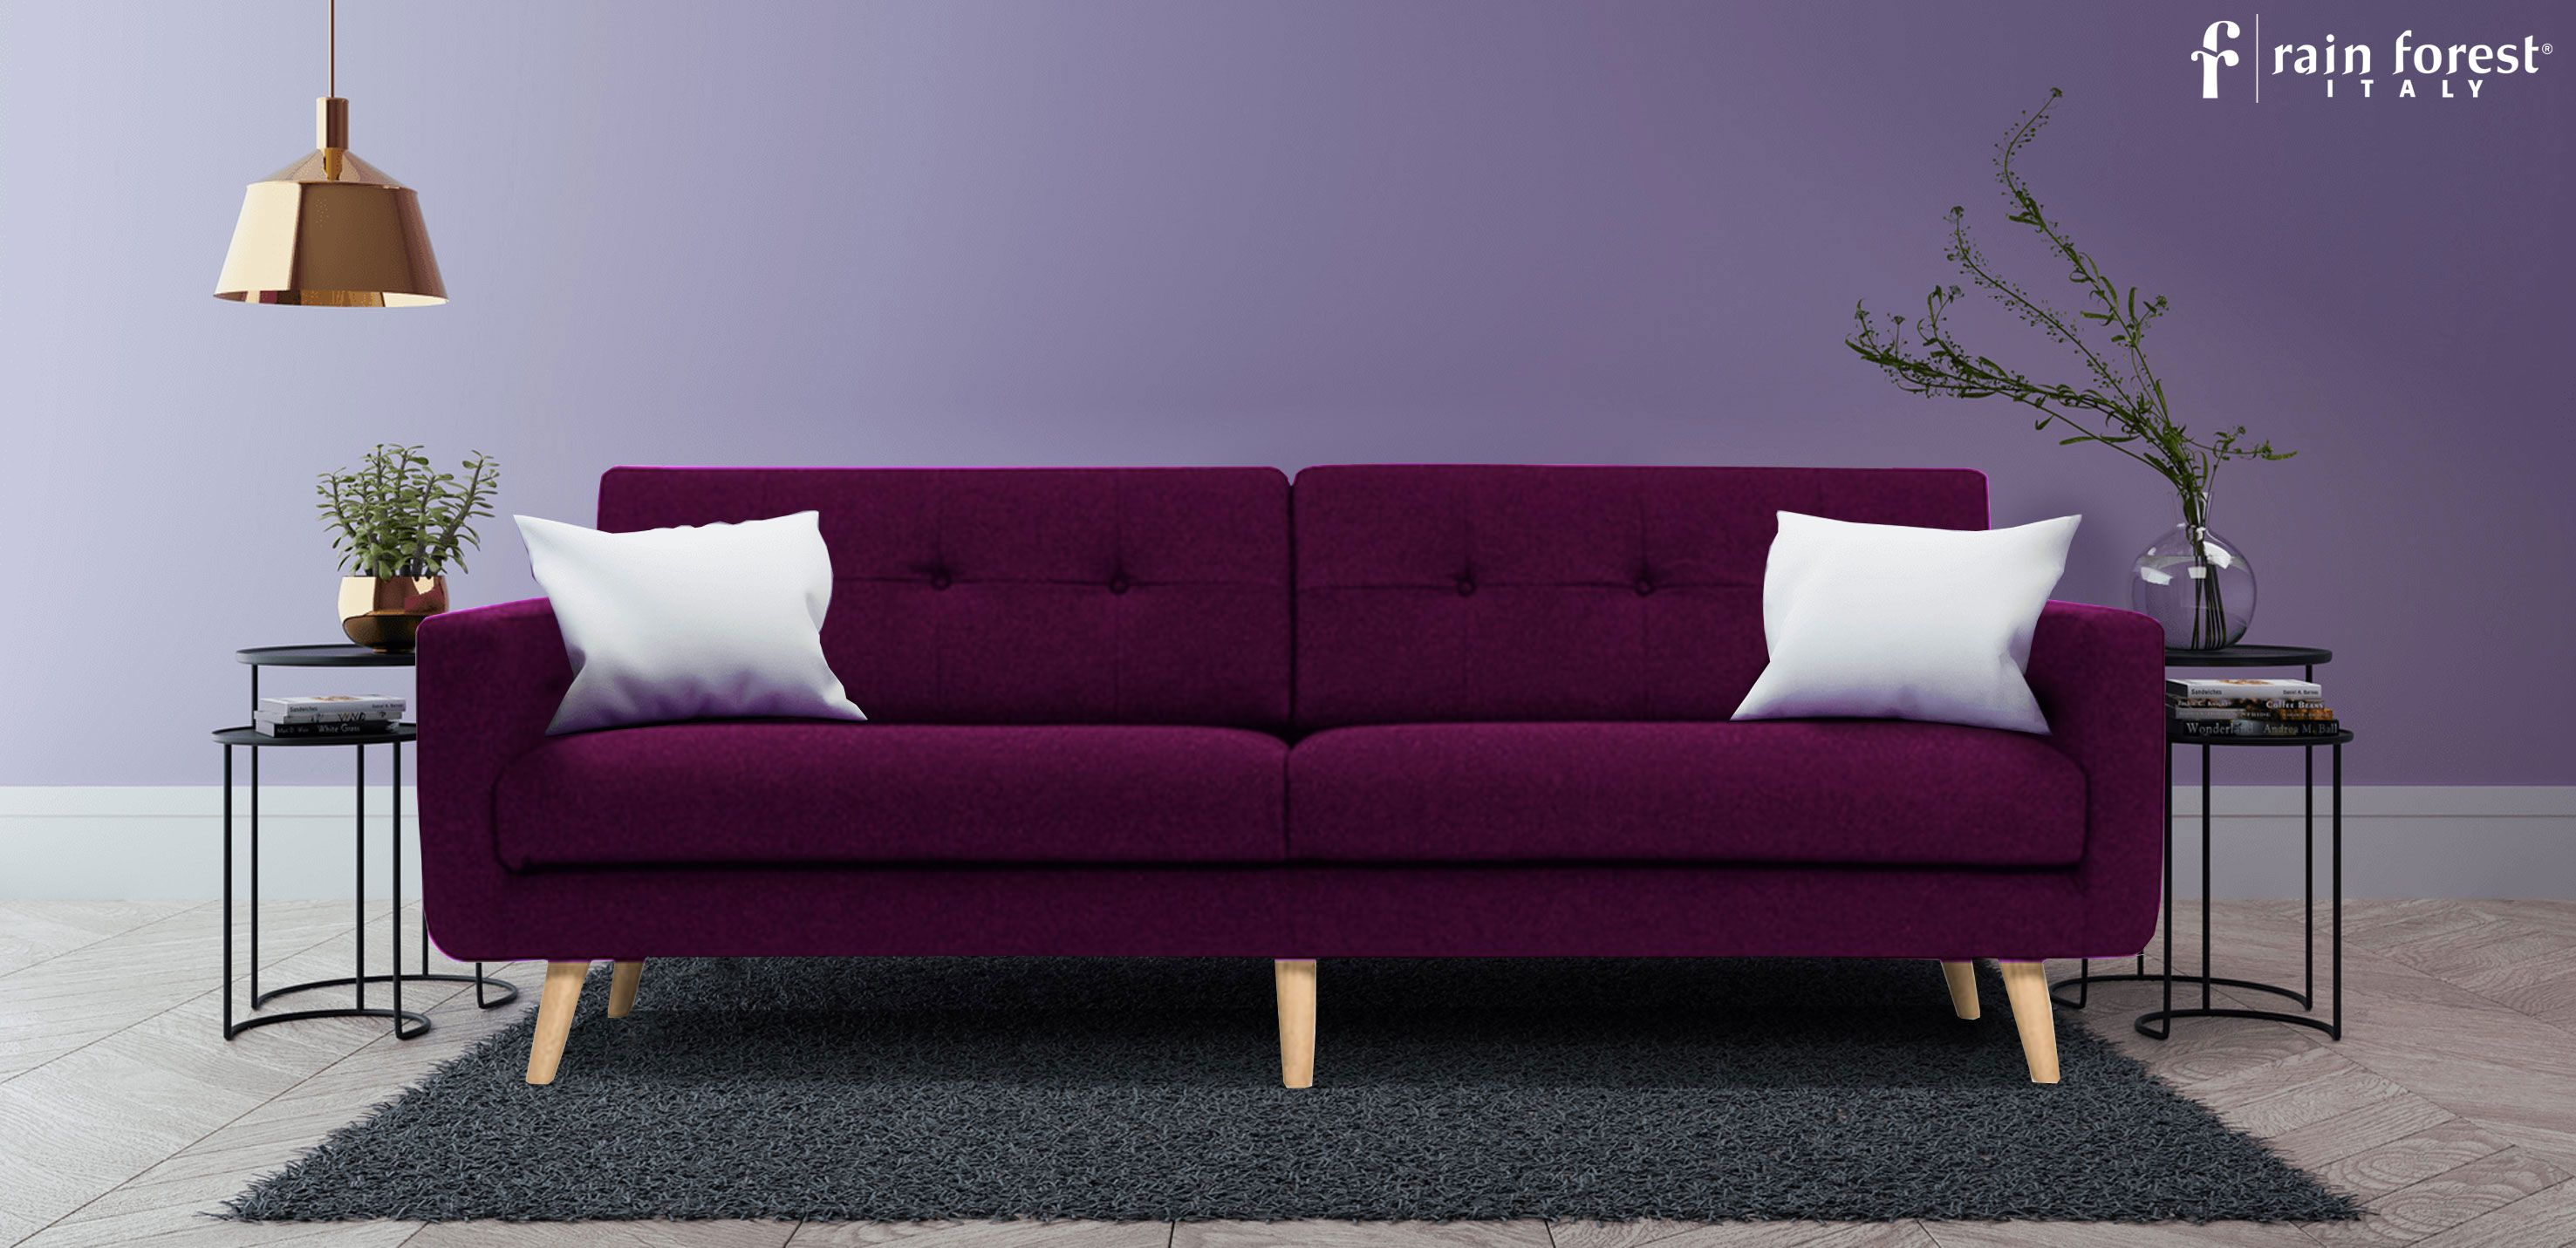 Designer Sofa By Rainforest Italy Sofa Set Designs Sofa Set Ideas